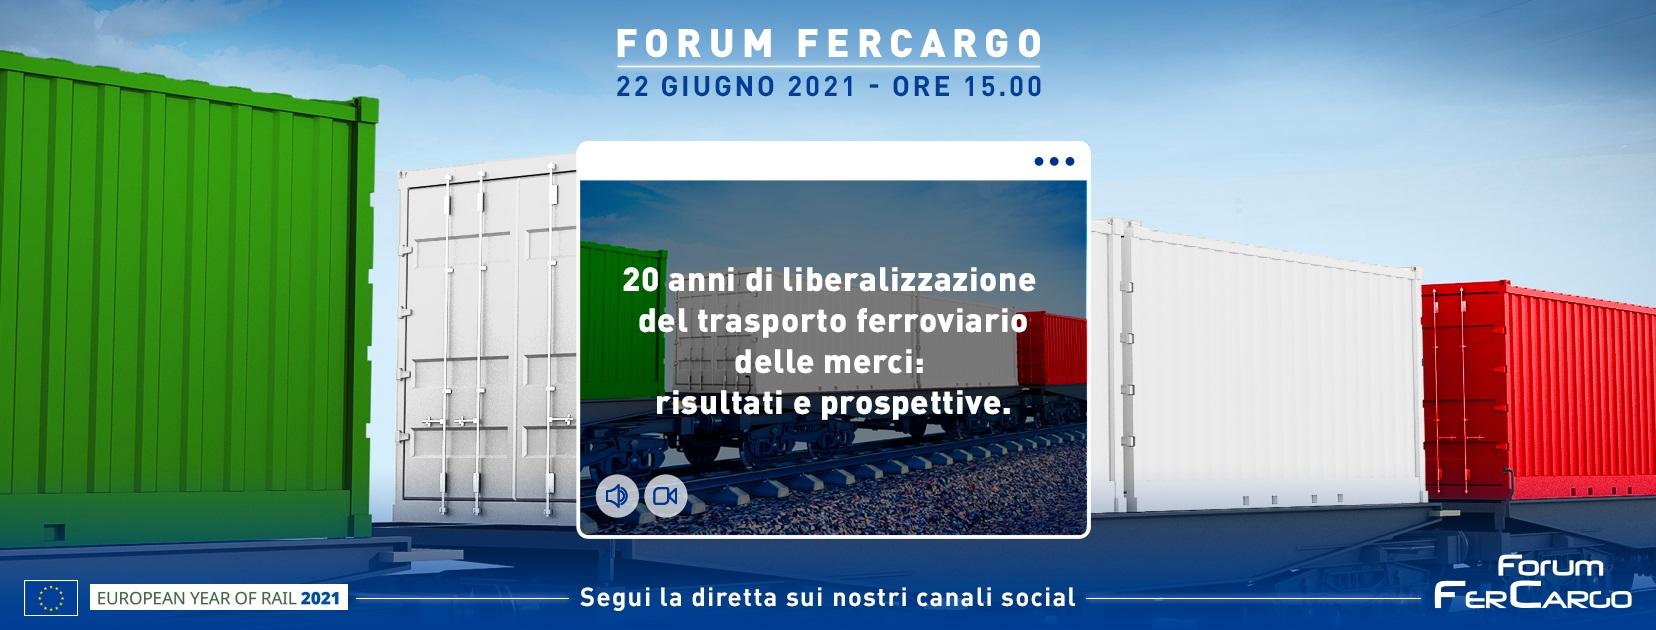 Forum Fercargo liberalizzazione